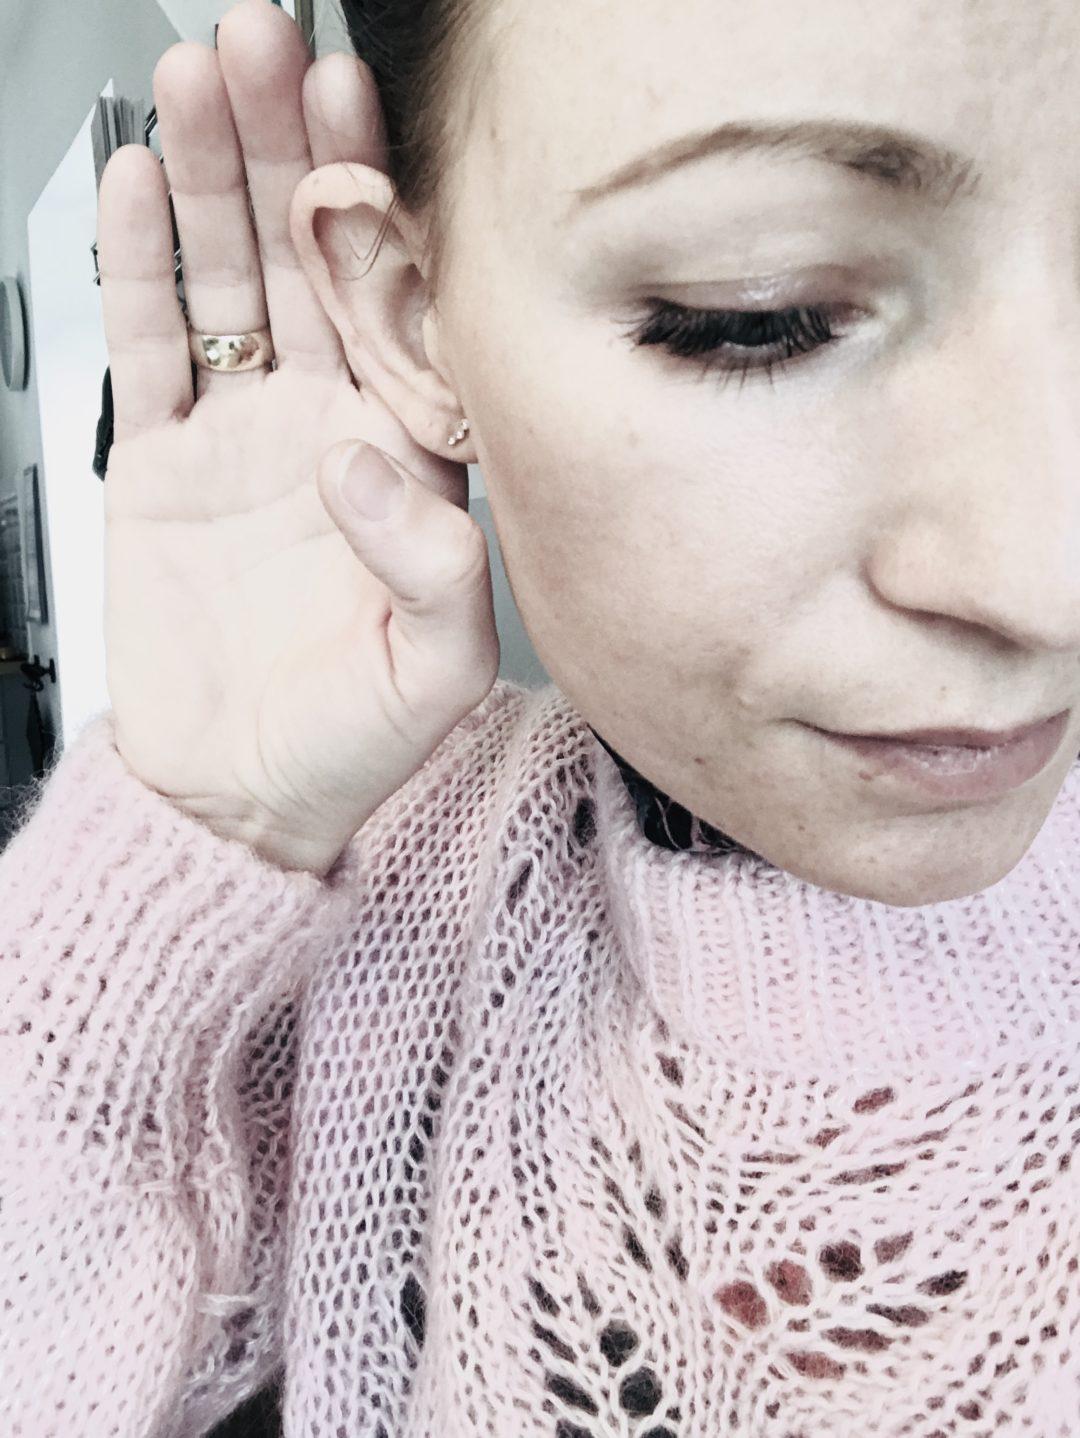 døv, lyd, hørelse, lytte, cochlear implants, overhøring, fare, opmærksomhed, auditiv